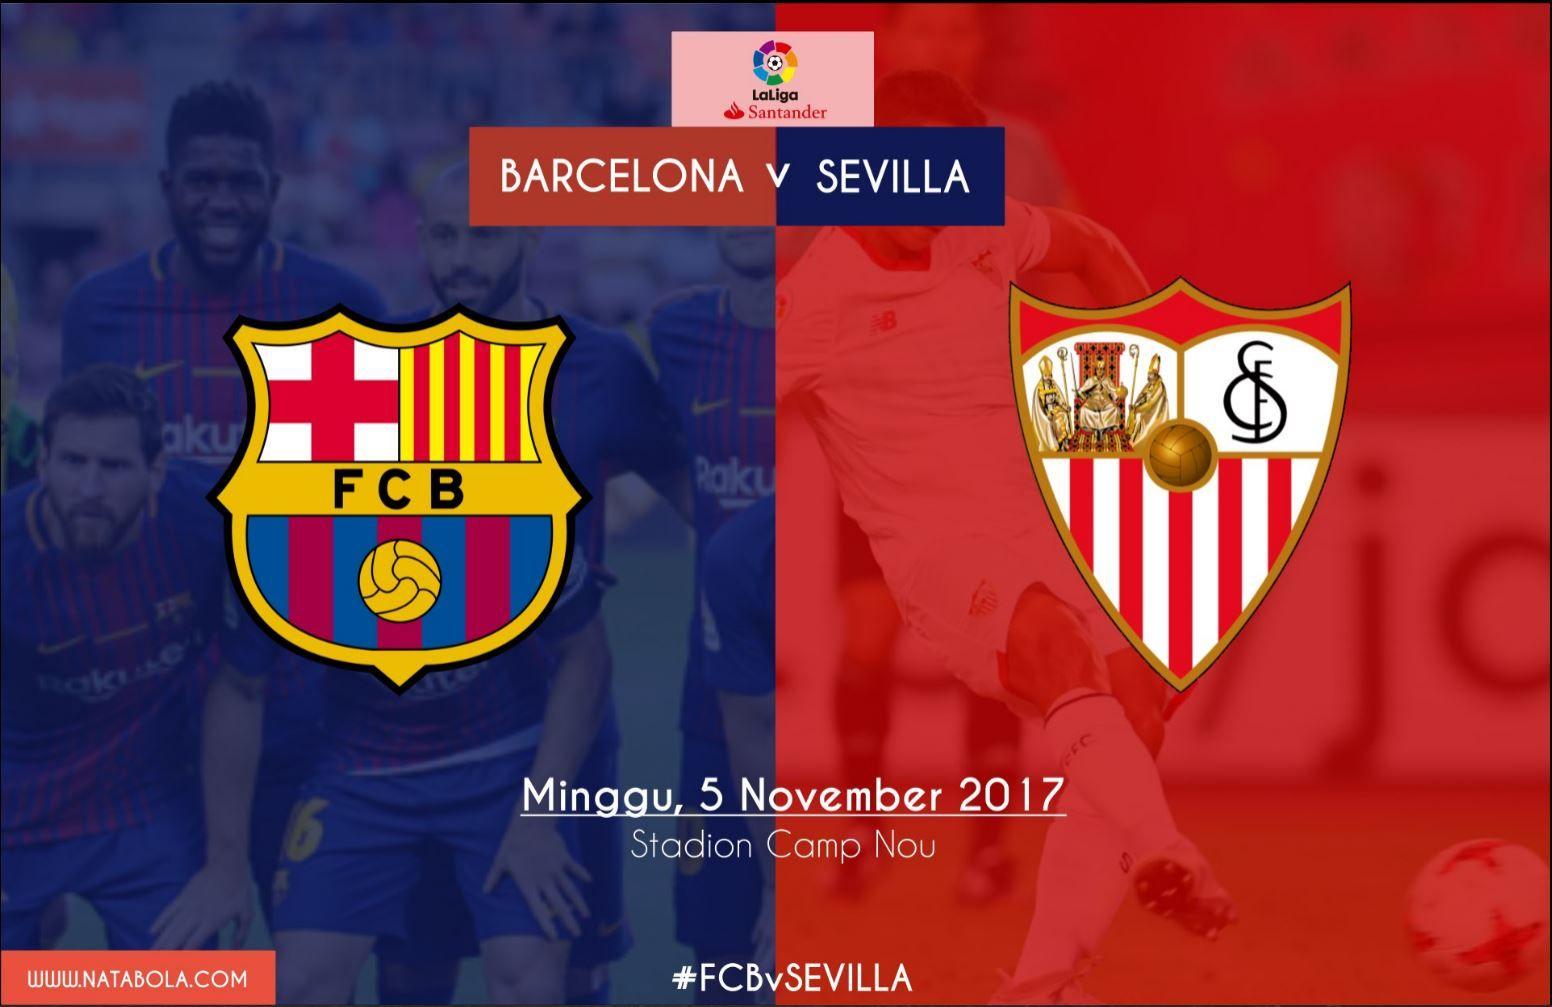 Prediksi Barcelona vs Sevilla 5 November 2017, Jadwal Liga